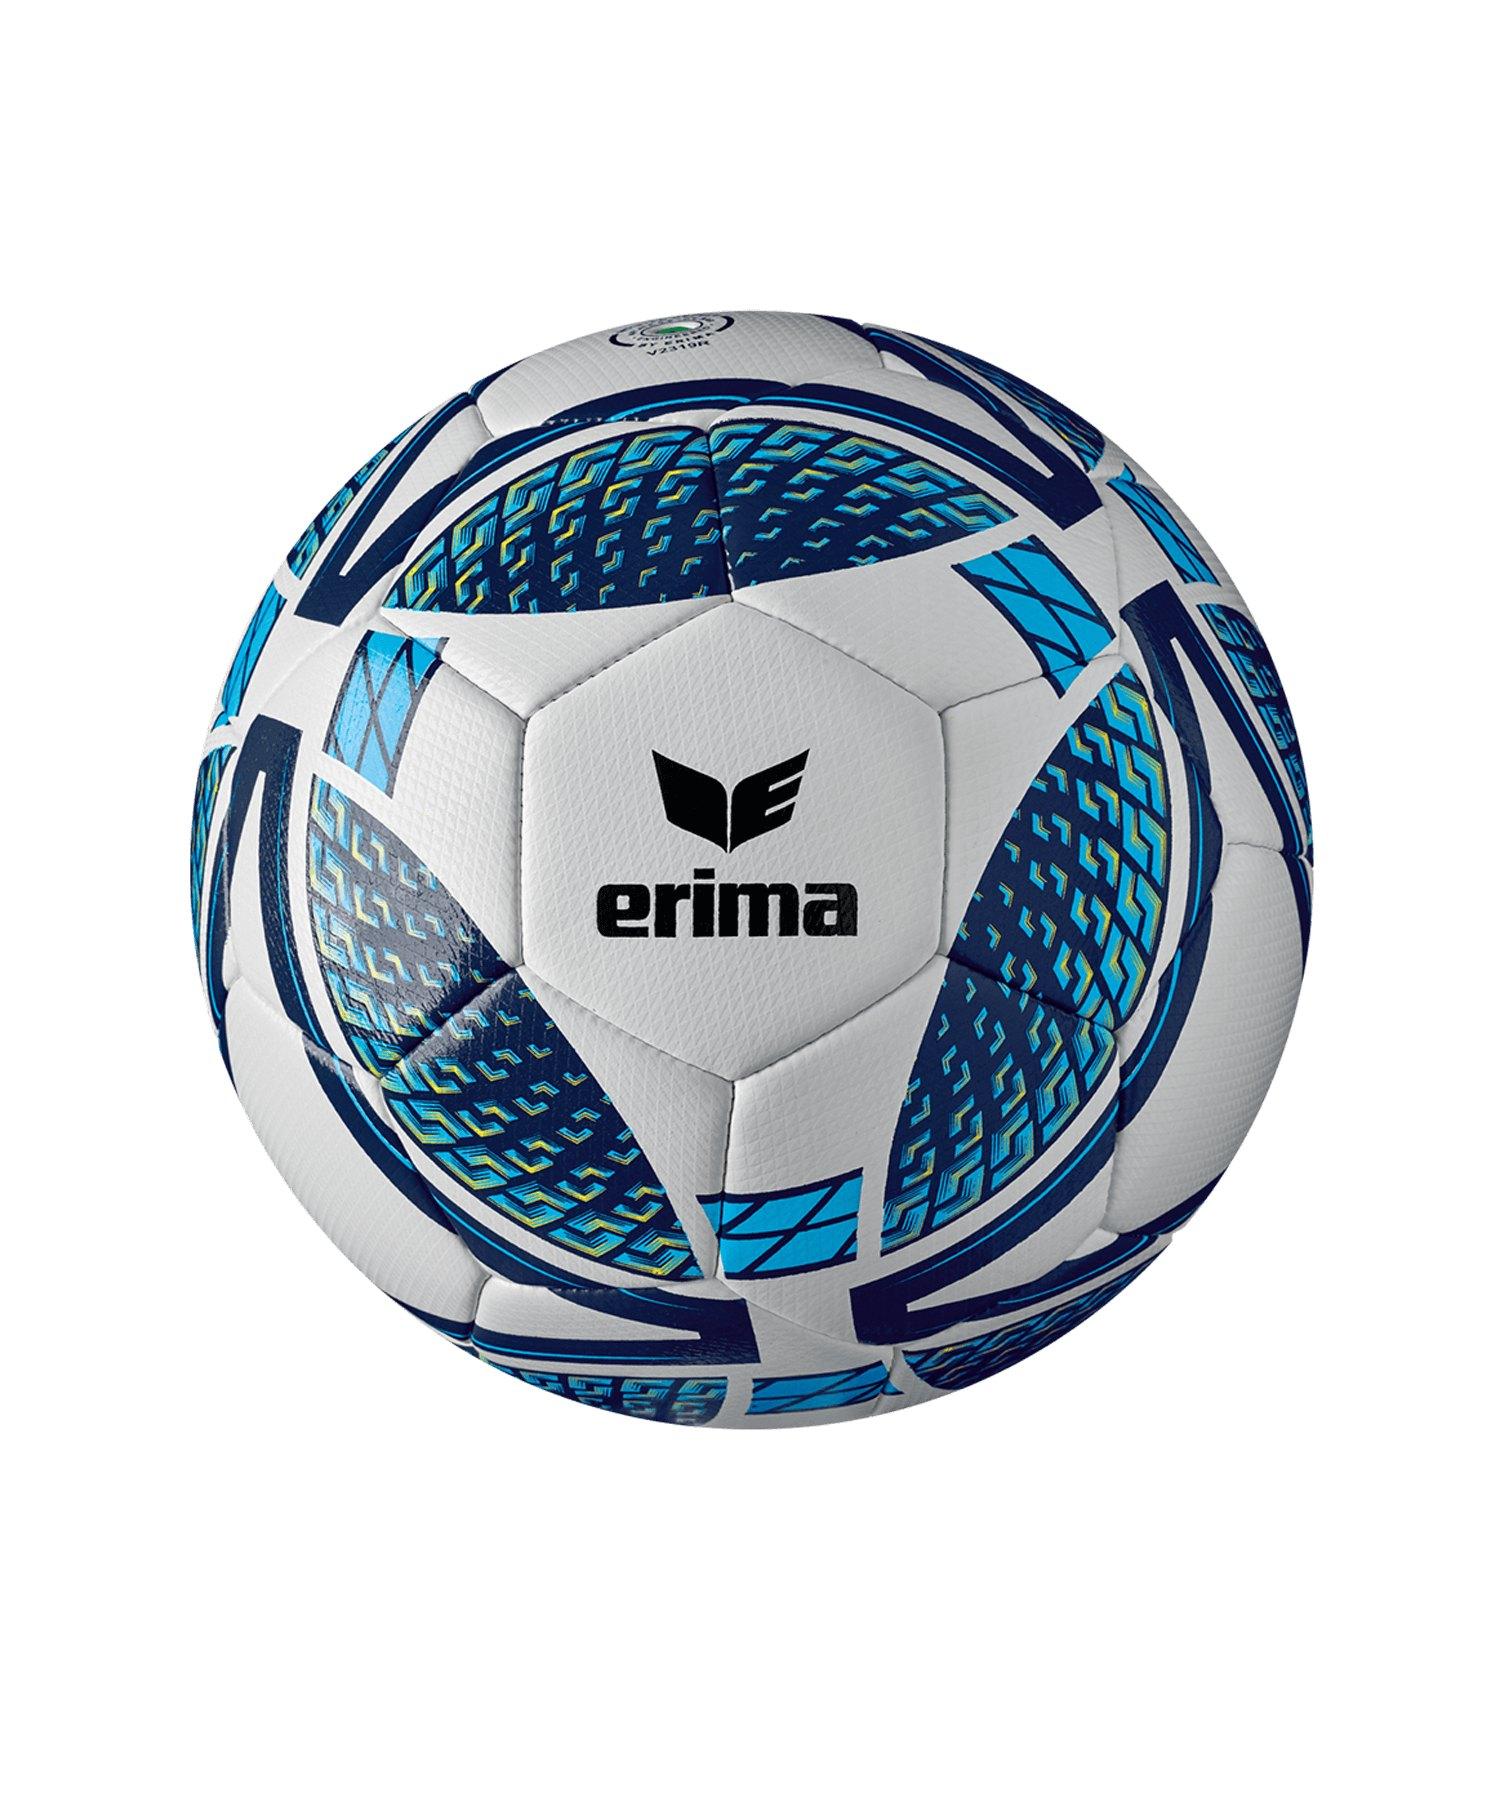 Erima Senzor Lightball 290 Gramm Gr.3 Blau - blau